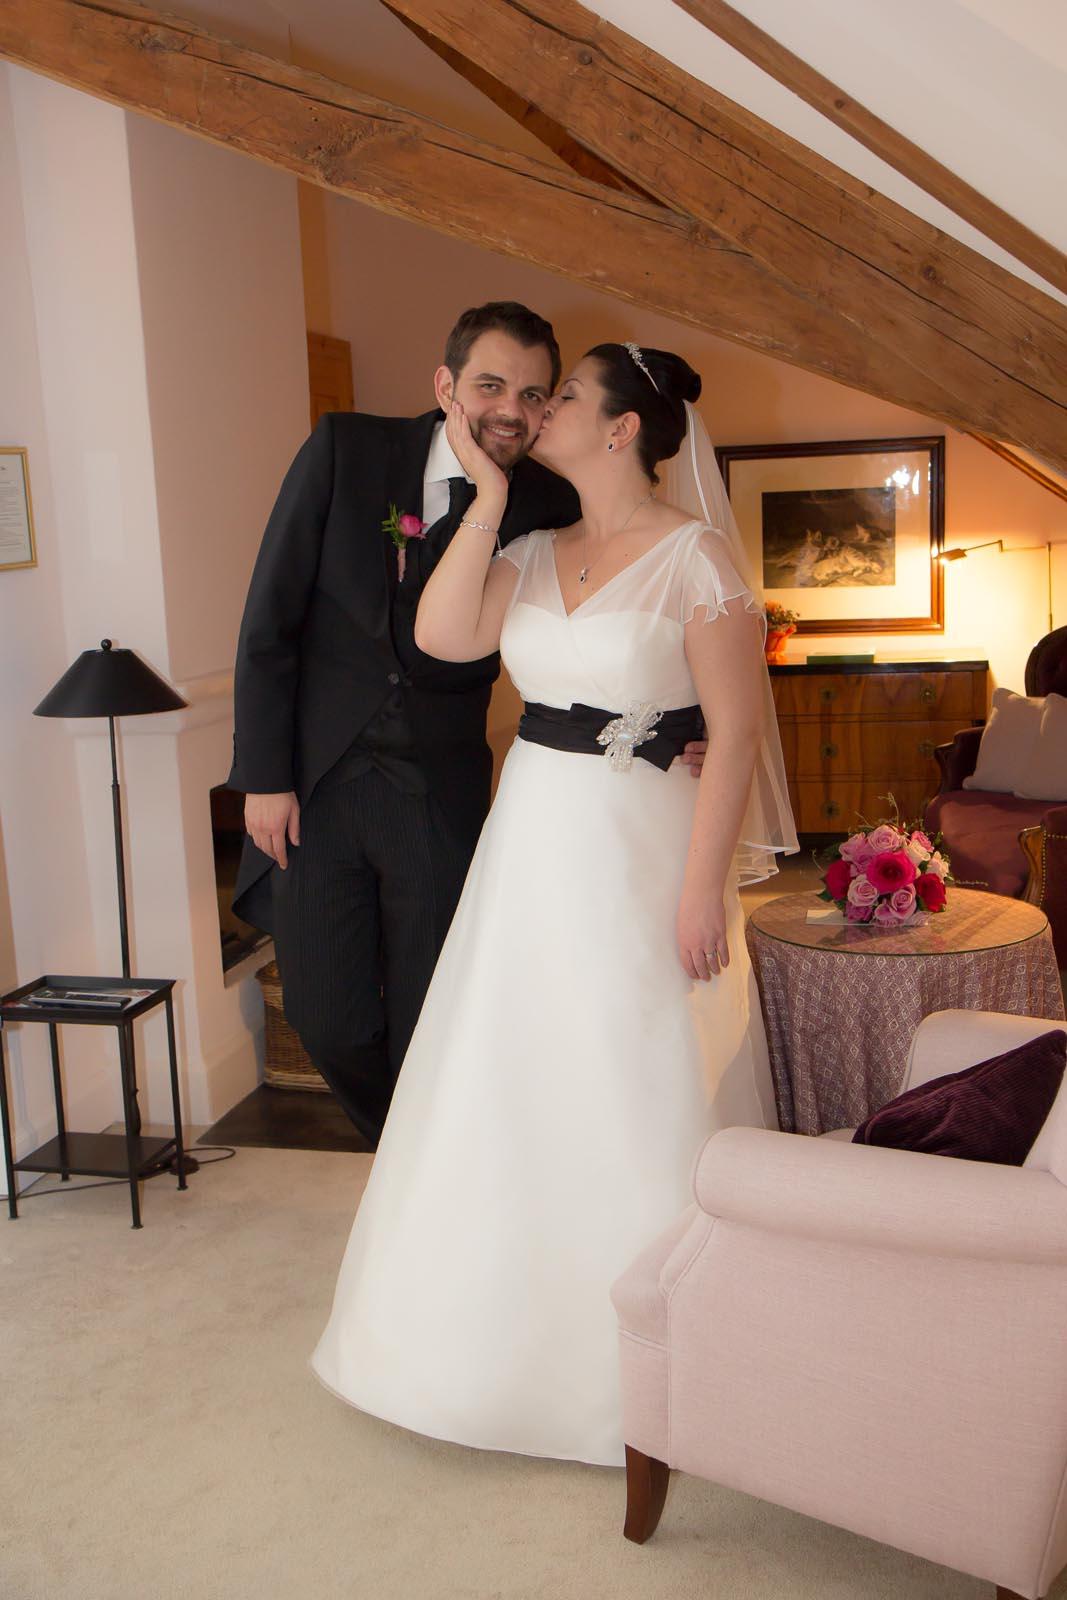 Hochzeit-Portrait-Weber-Hochzeit-Weber-3656.jpg